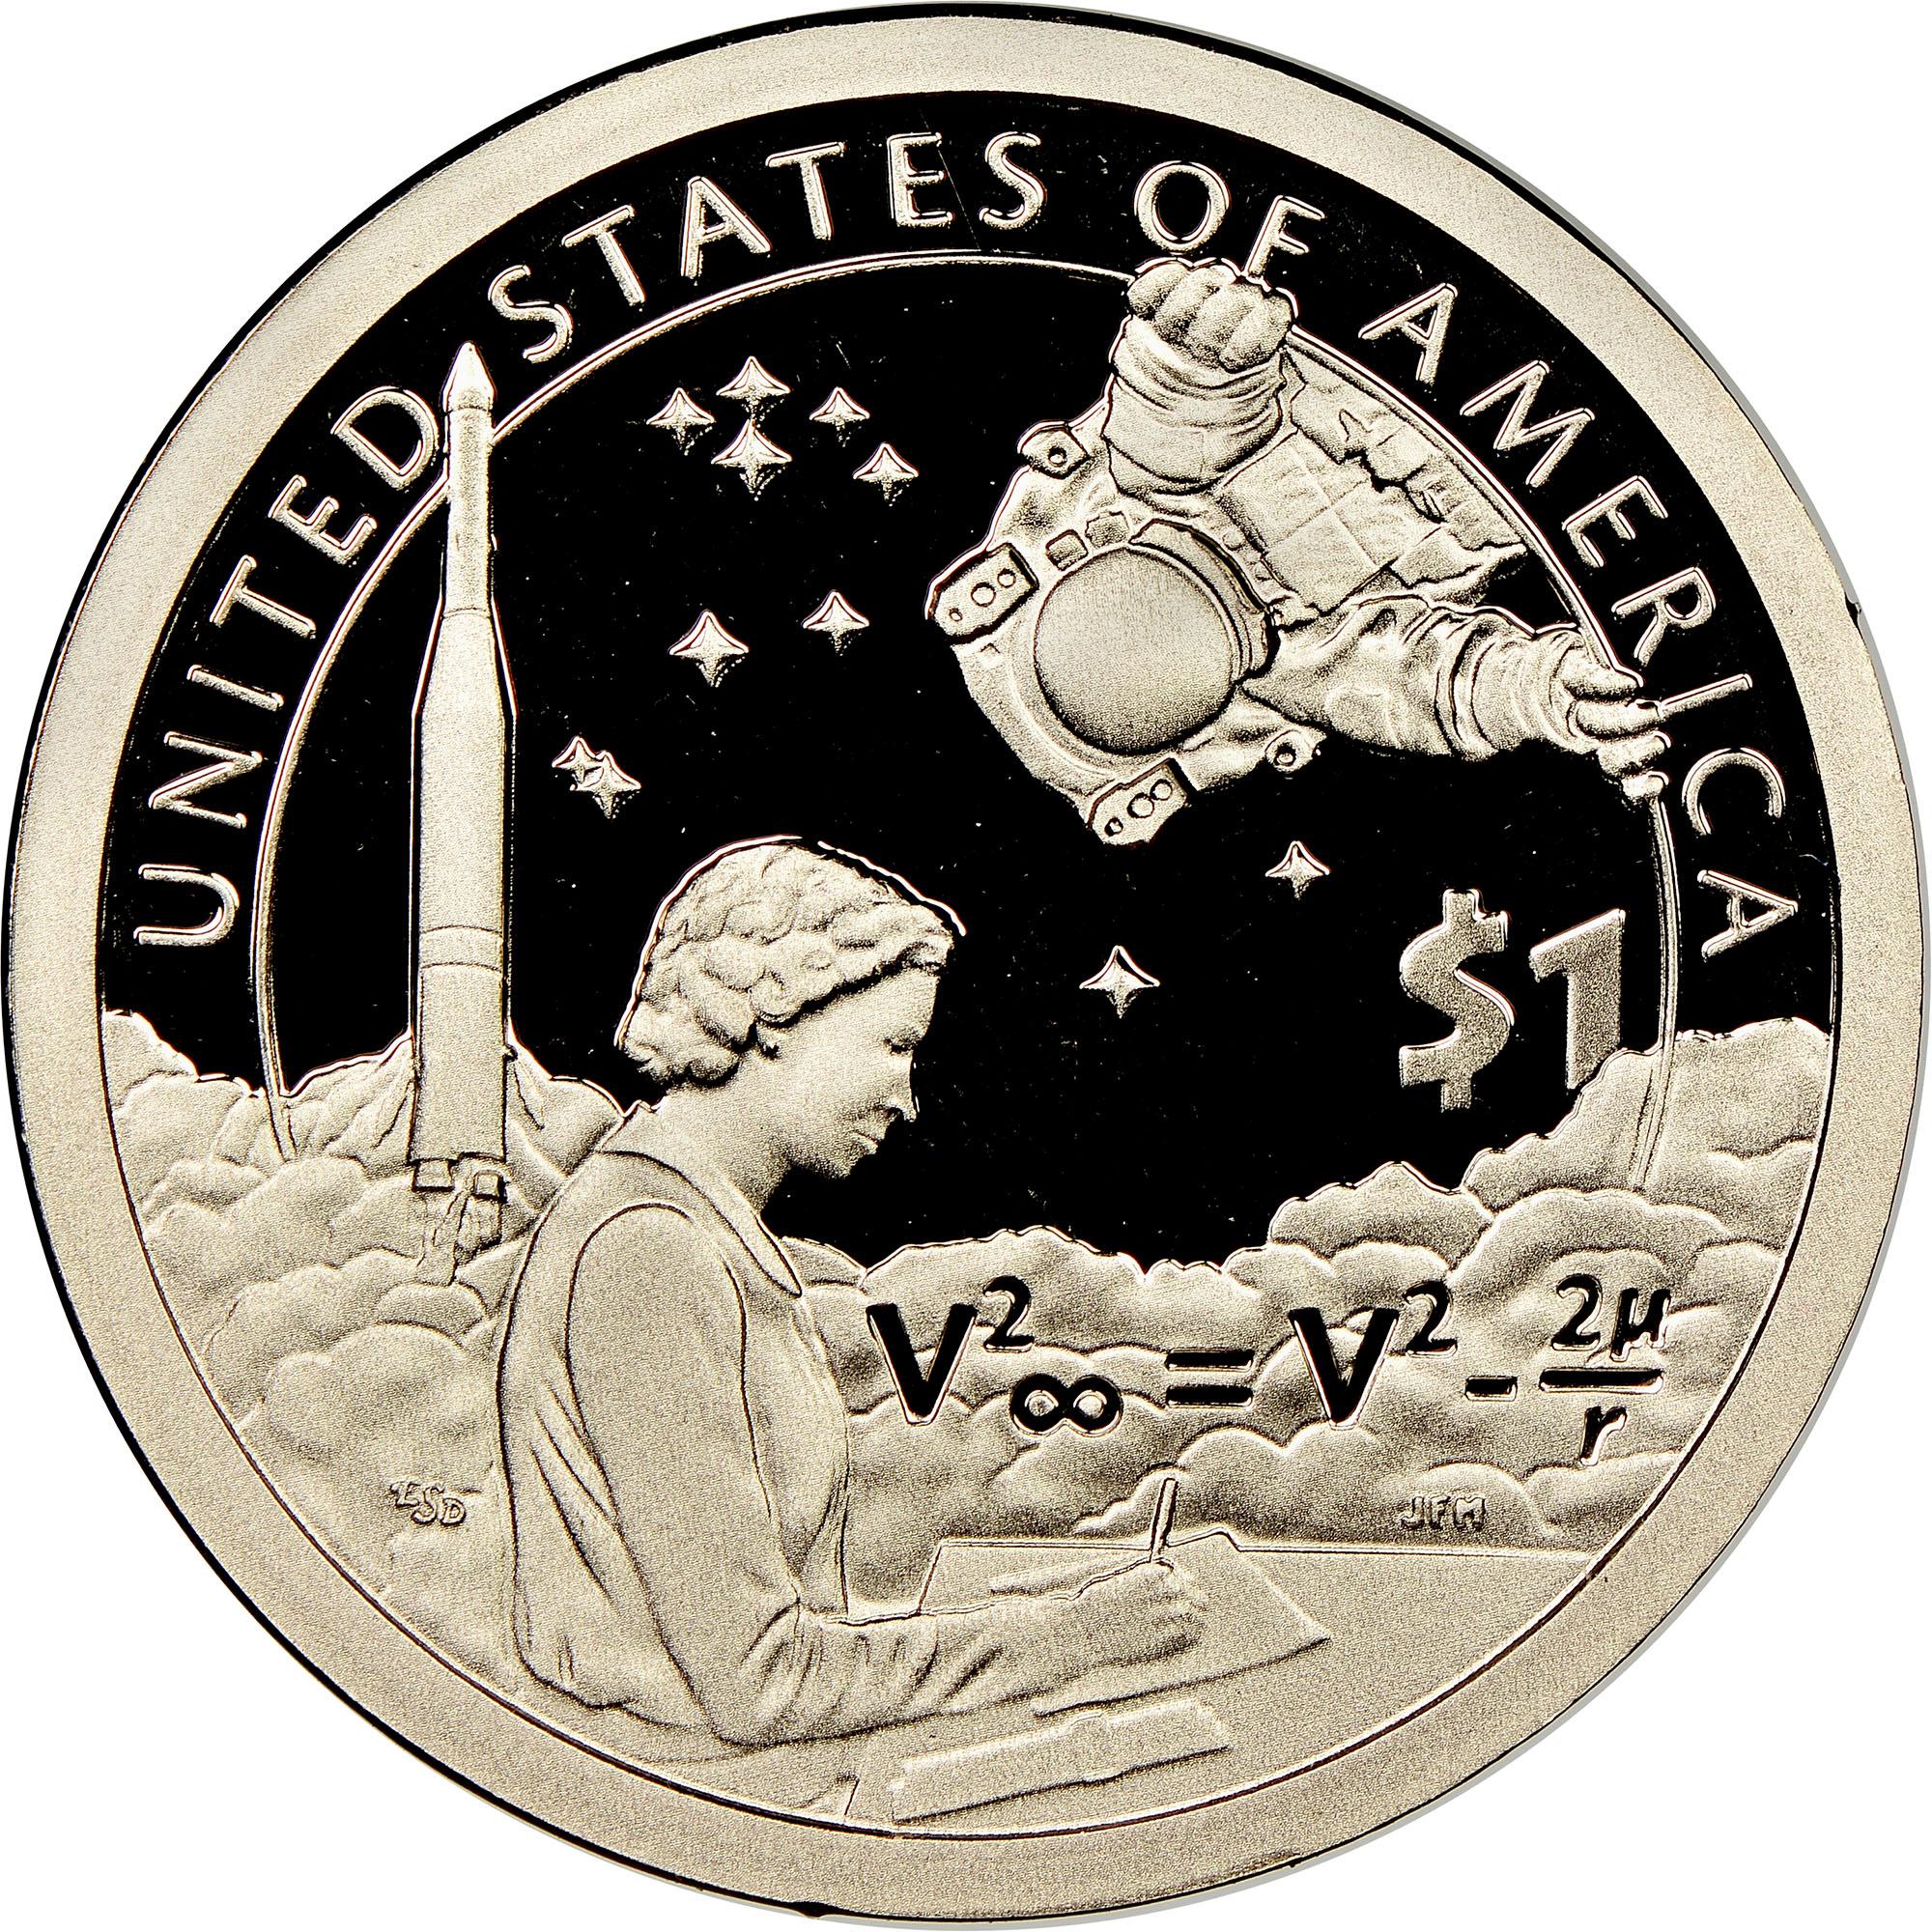 2019-S Sacagawea Dollar NGC PF-70 Ultra Cameo ***Price Guide $60.00***